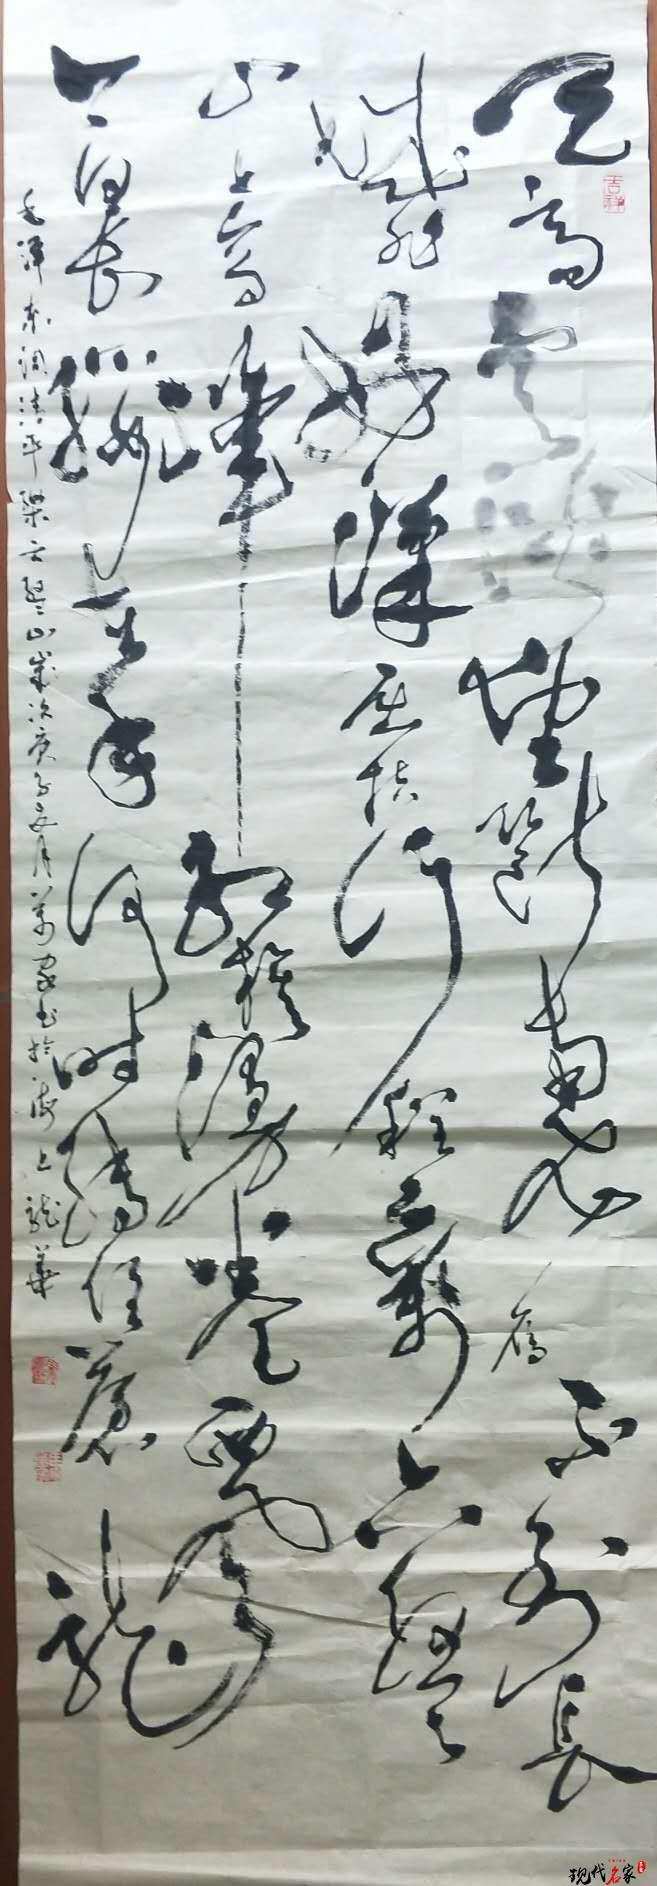 中国现代书法家——常建民、马万家-第6张